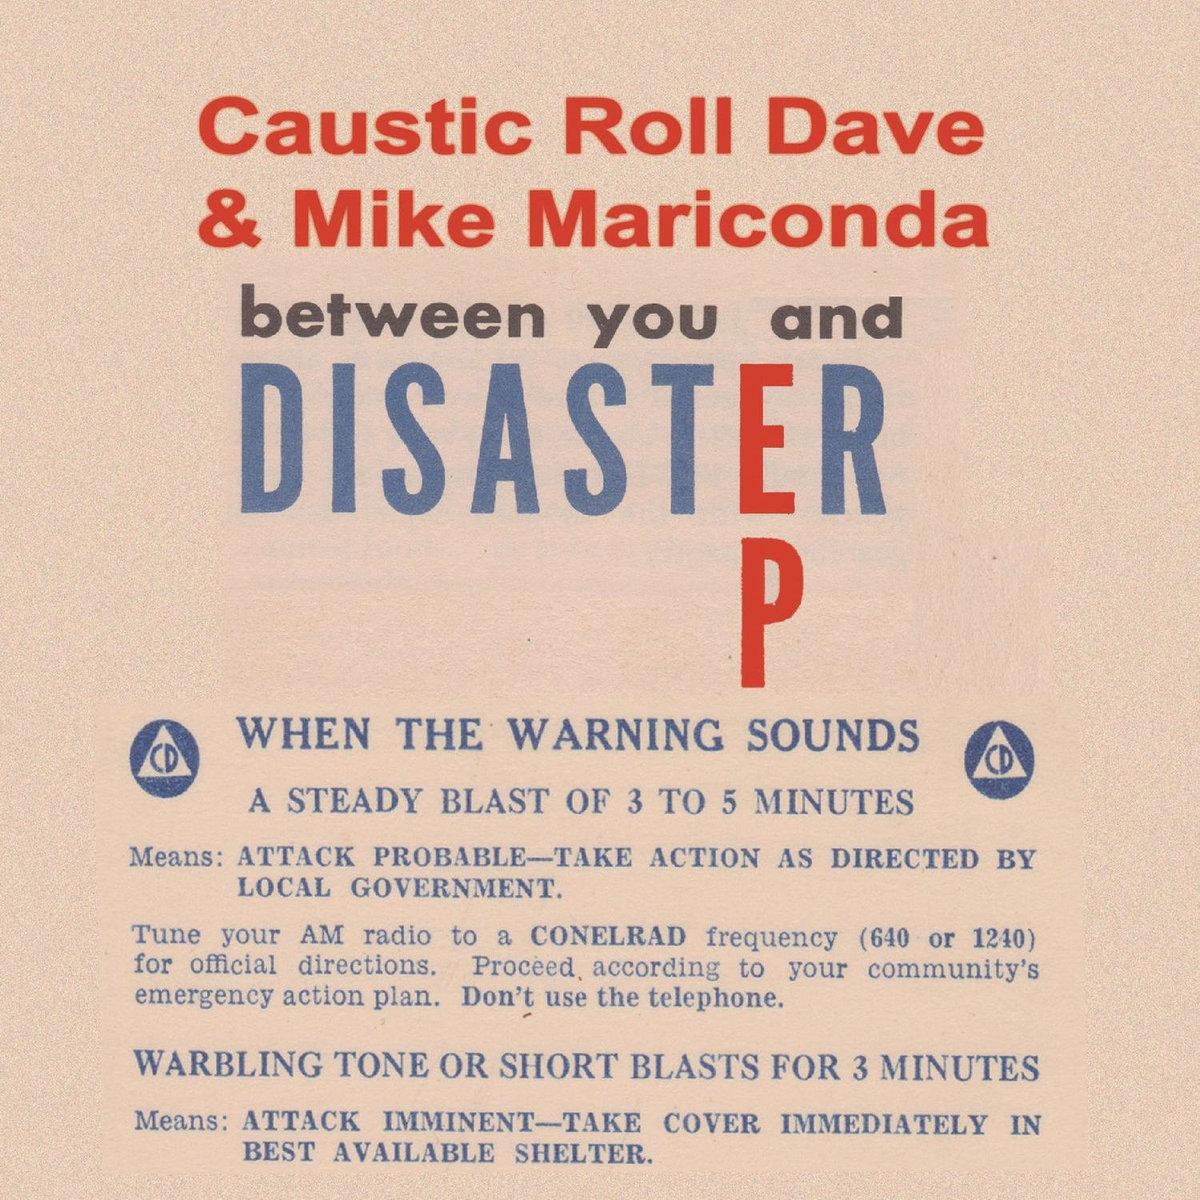 Resultado de imagen de Caustic Roll Dave & Mike Mariconda - Between You and Disaster